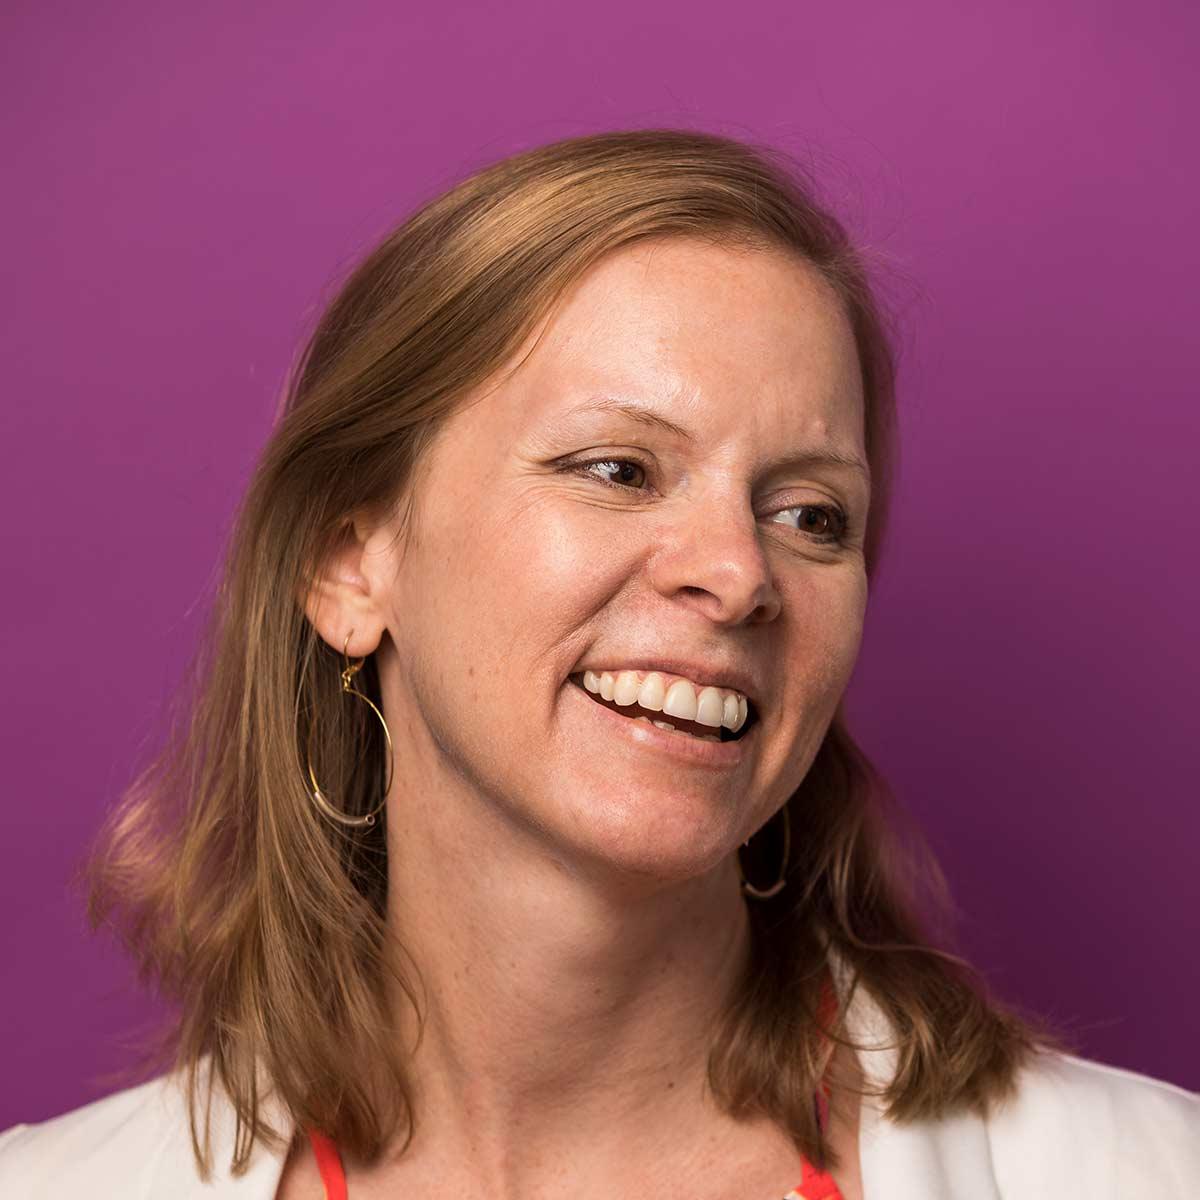 Melanie Barna Headshot